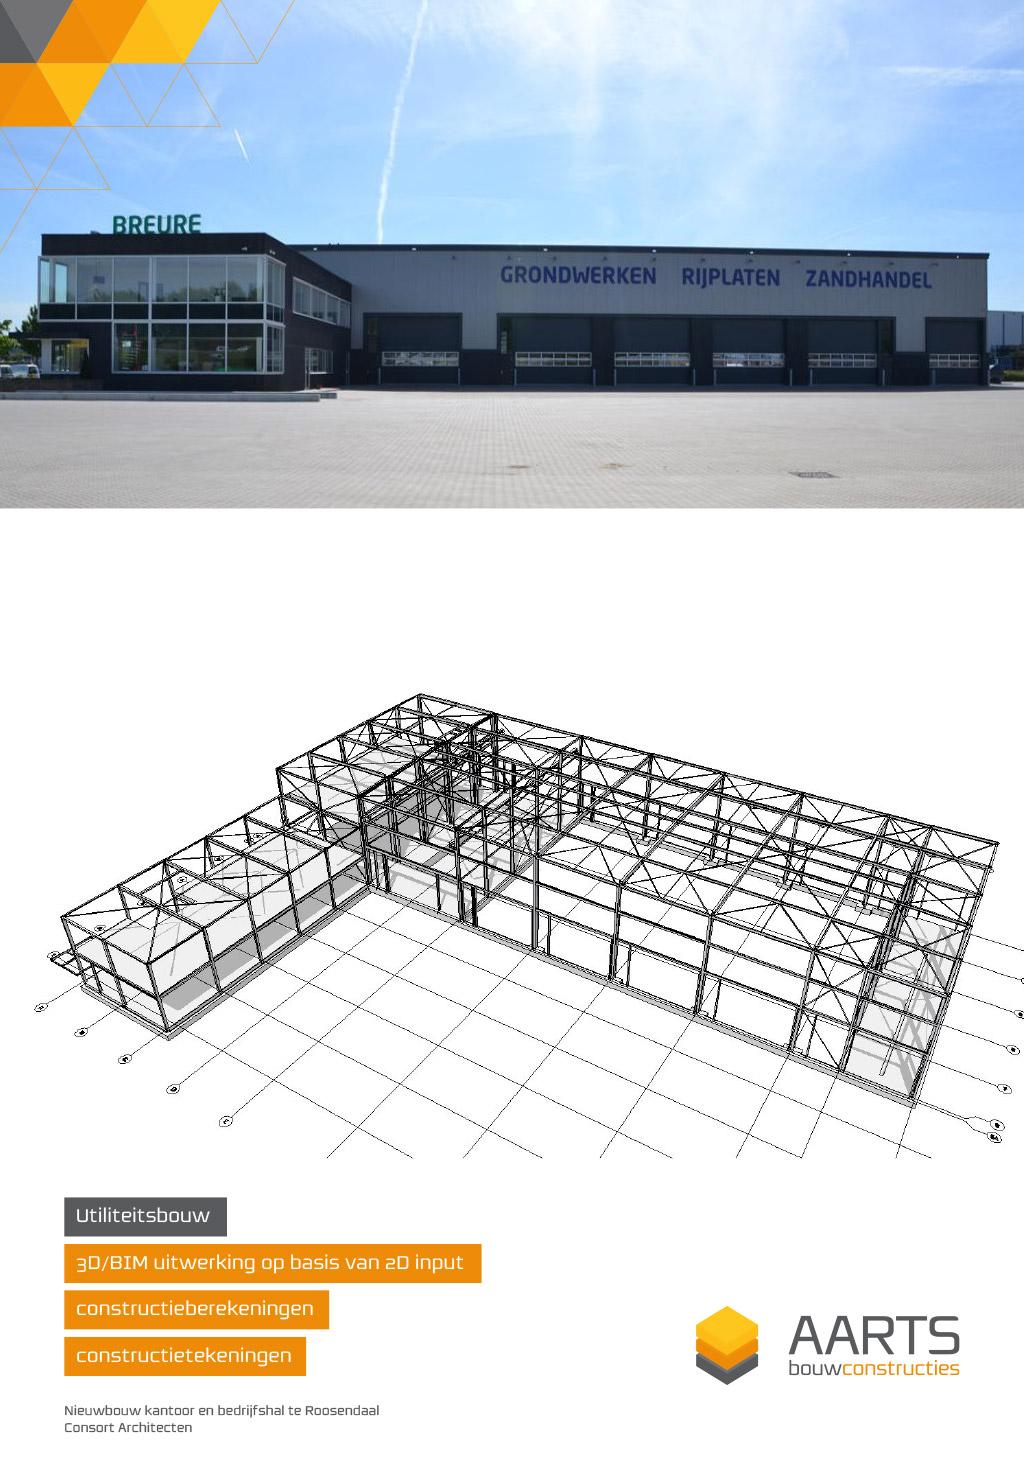 Breure grondwerken - 3D BIM uitwerking op basis van 2D input